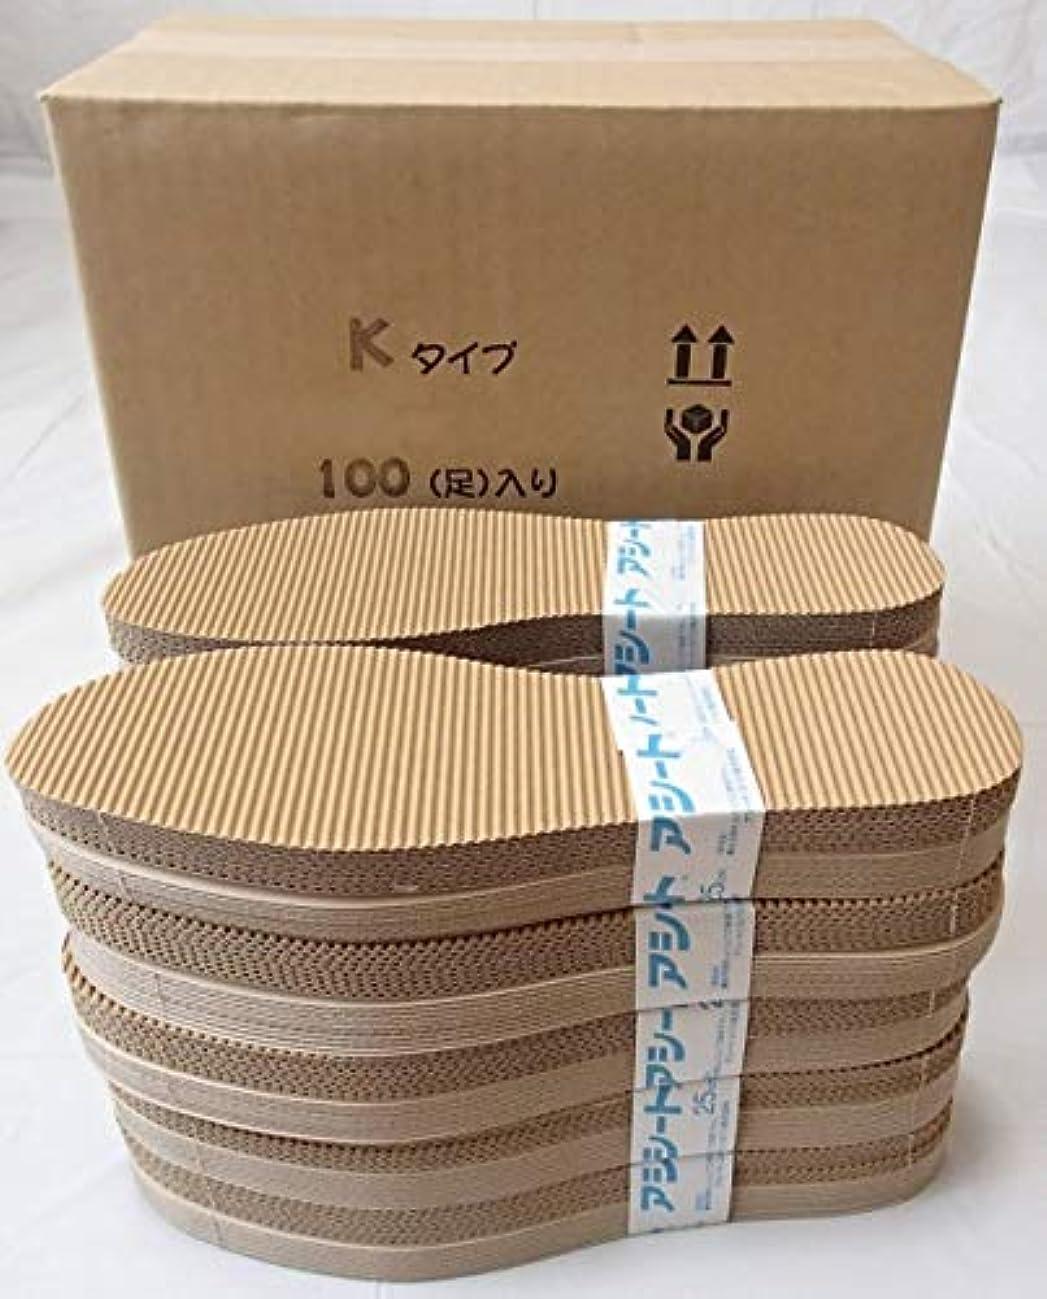 ピアノ知らせる容量アシートKタイプお得用パック100足入り (21.5~22.0cm)